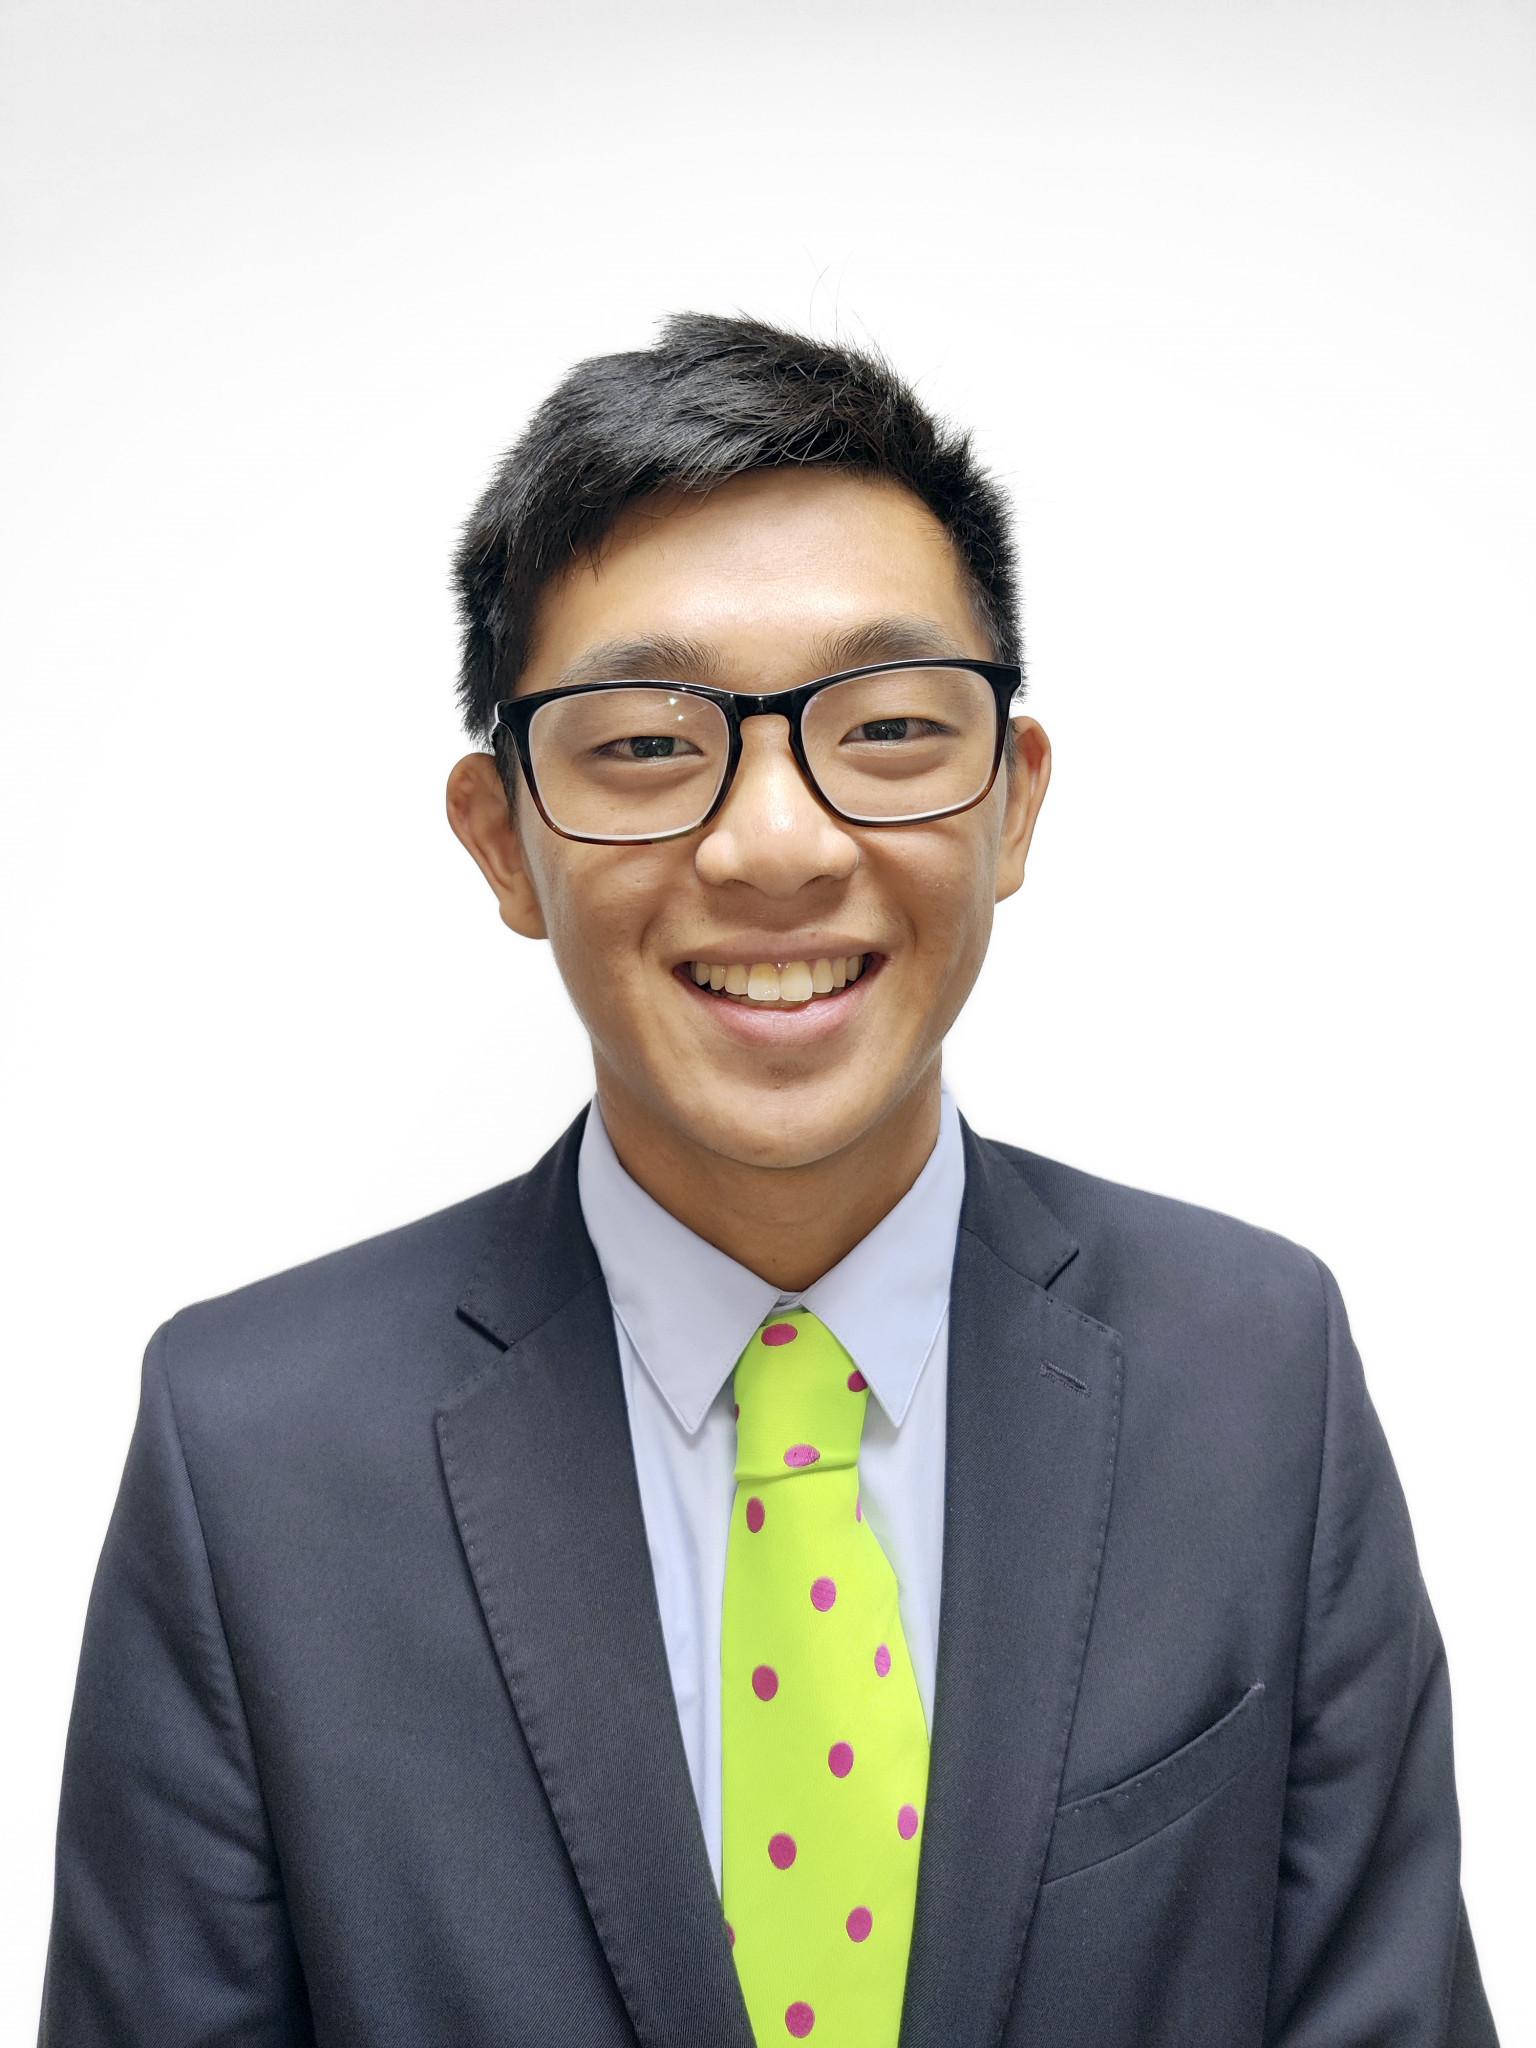 Adam Lam